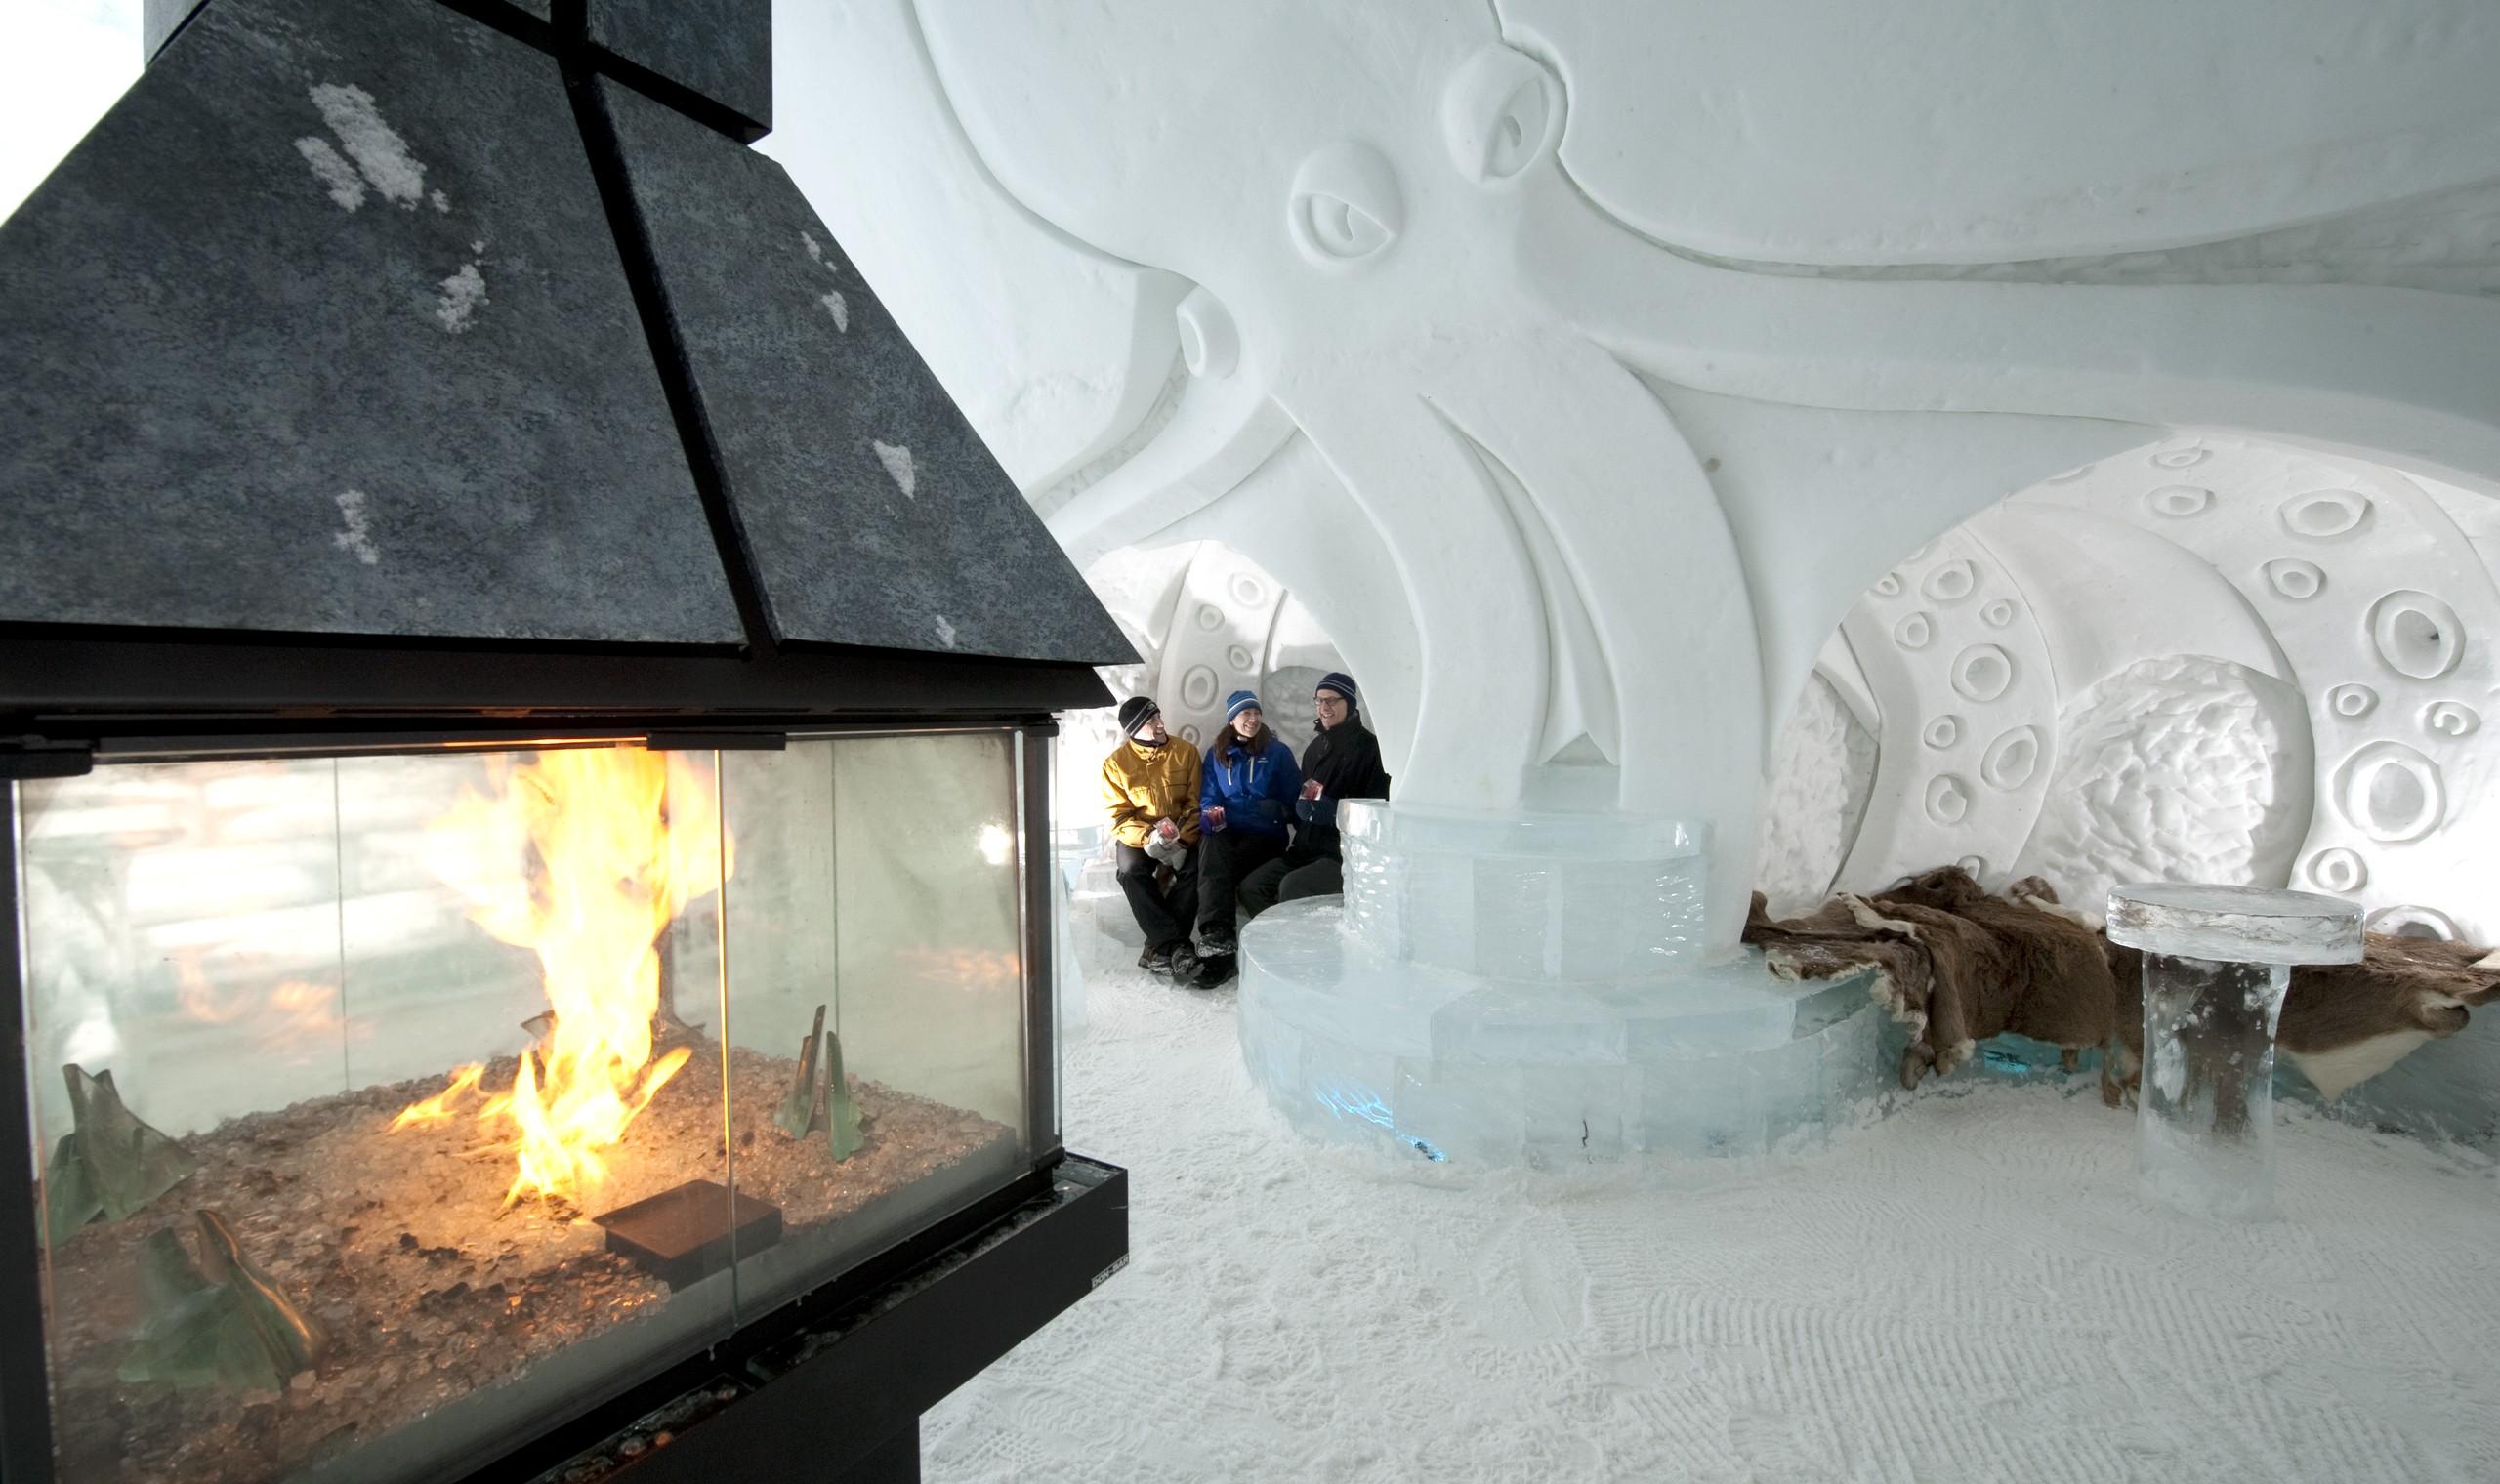 quebec winter wonderland canadian affair. Black Bedroom Furniture Sets. Home Design Ideas